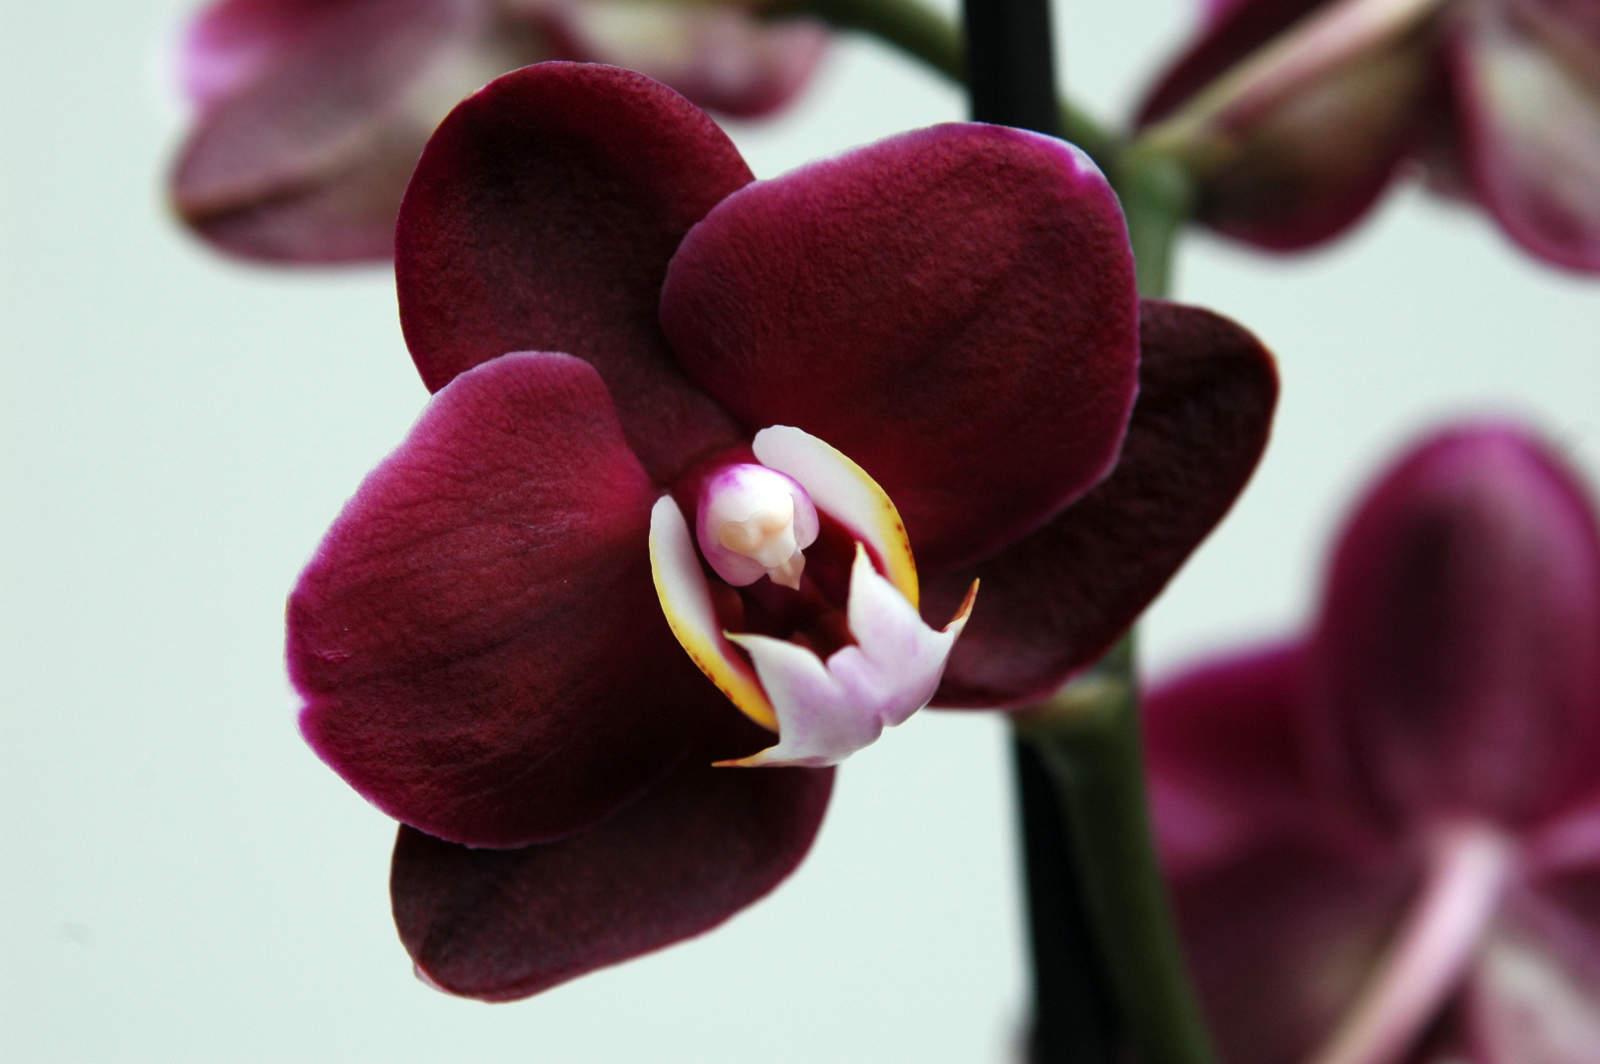 Как спасти орхидею: лечим и реанимируем королеву цветов